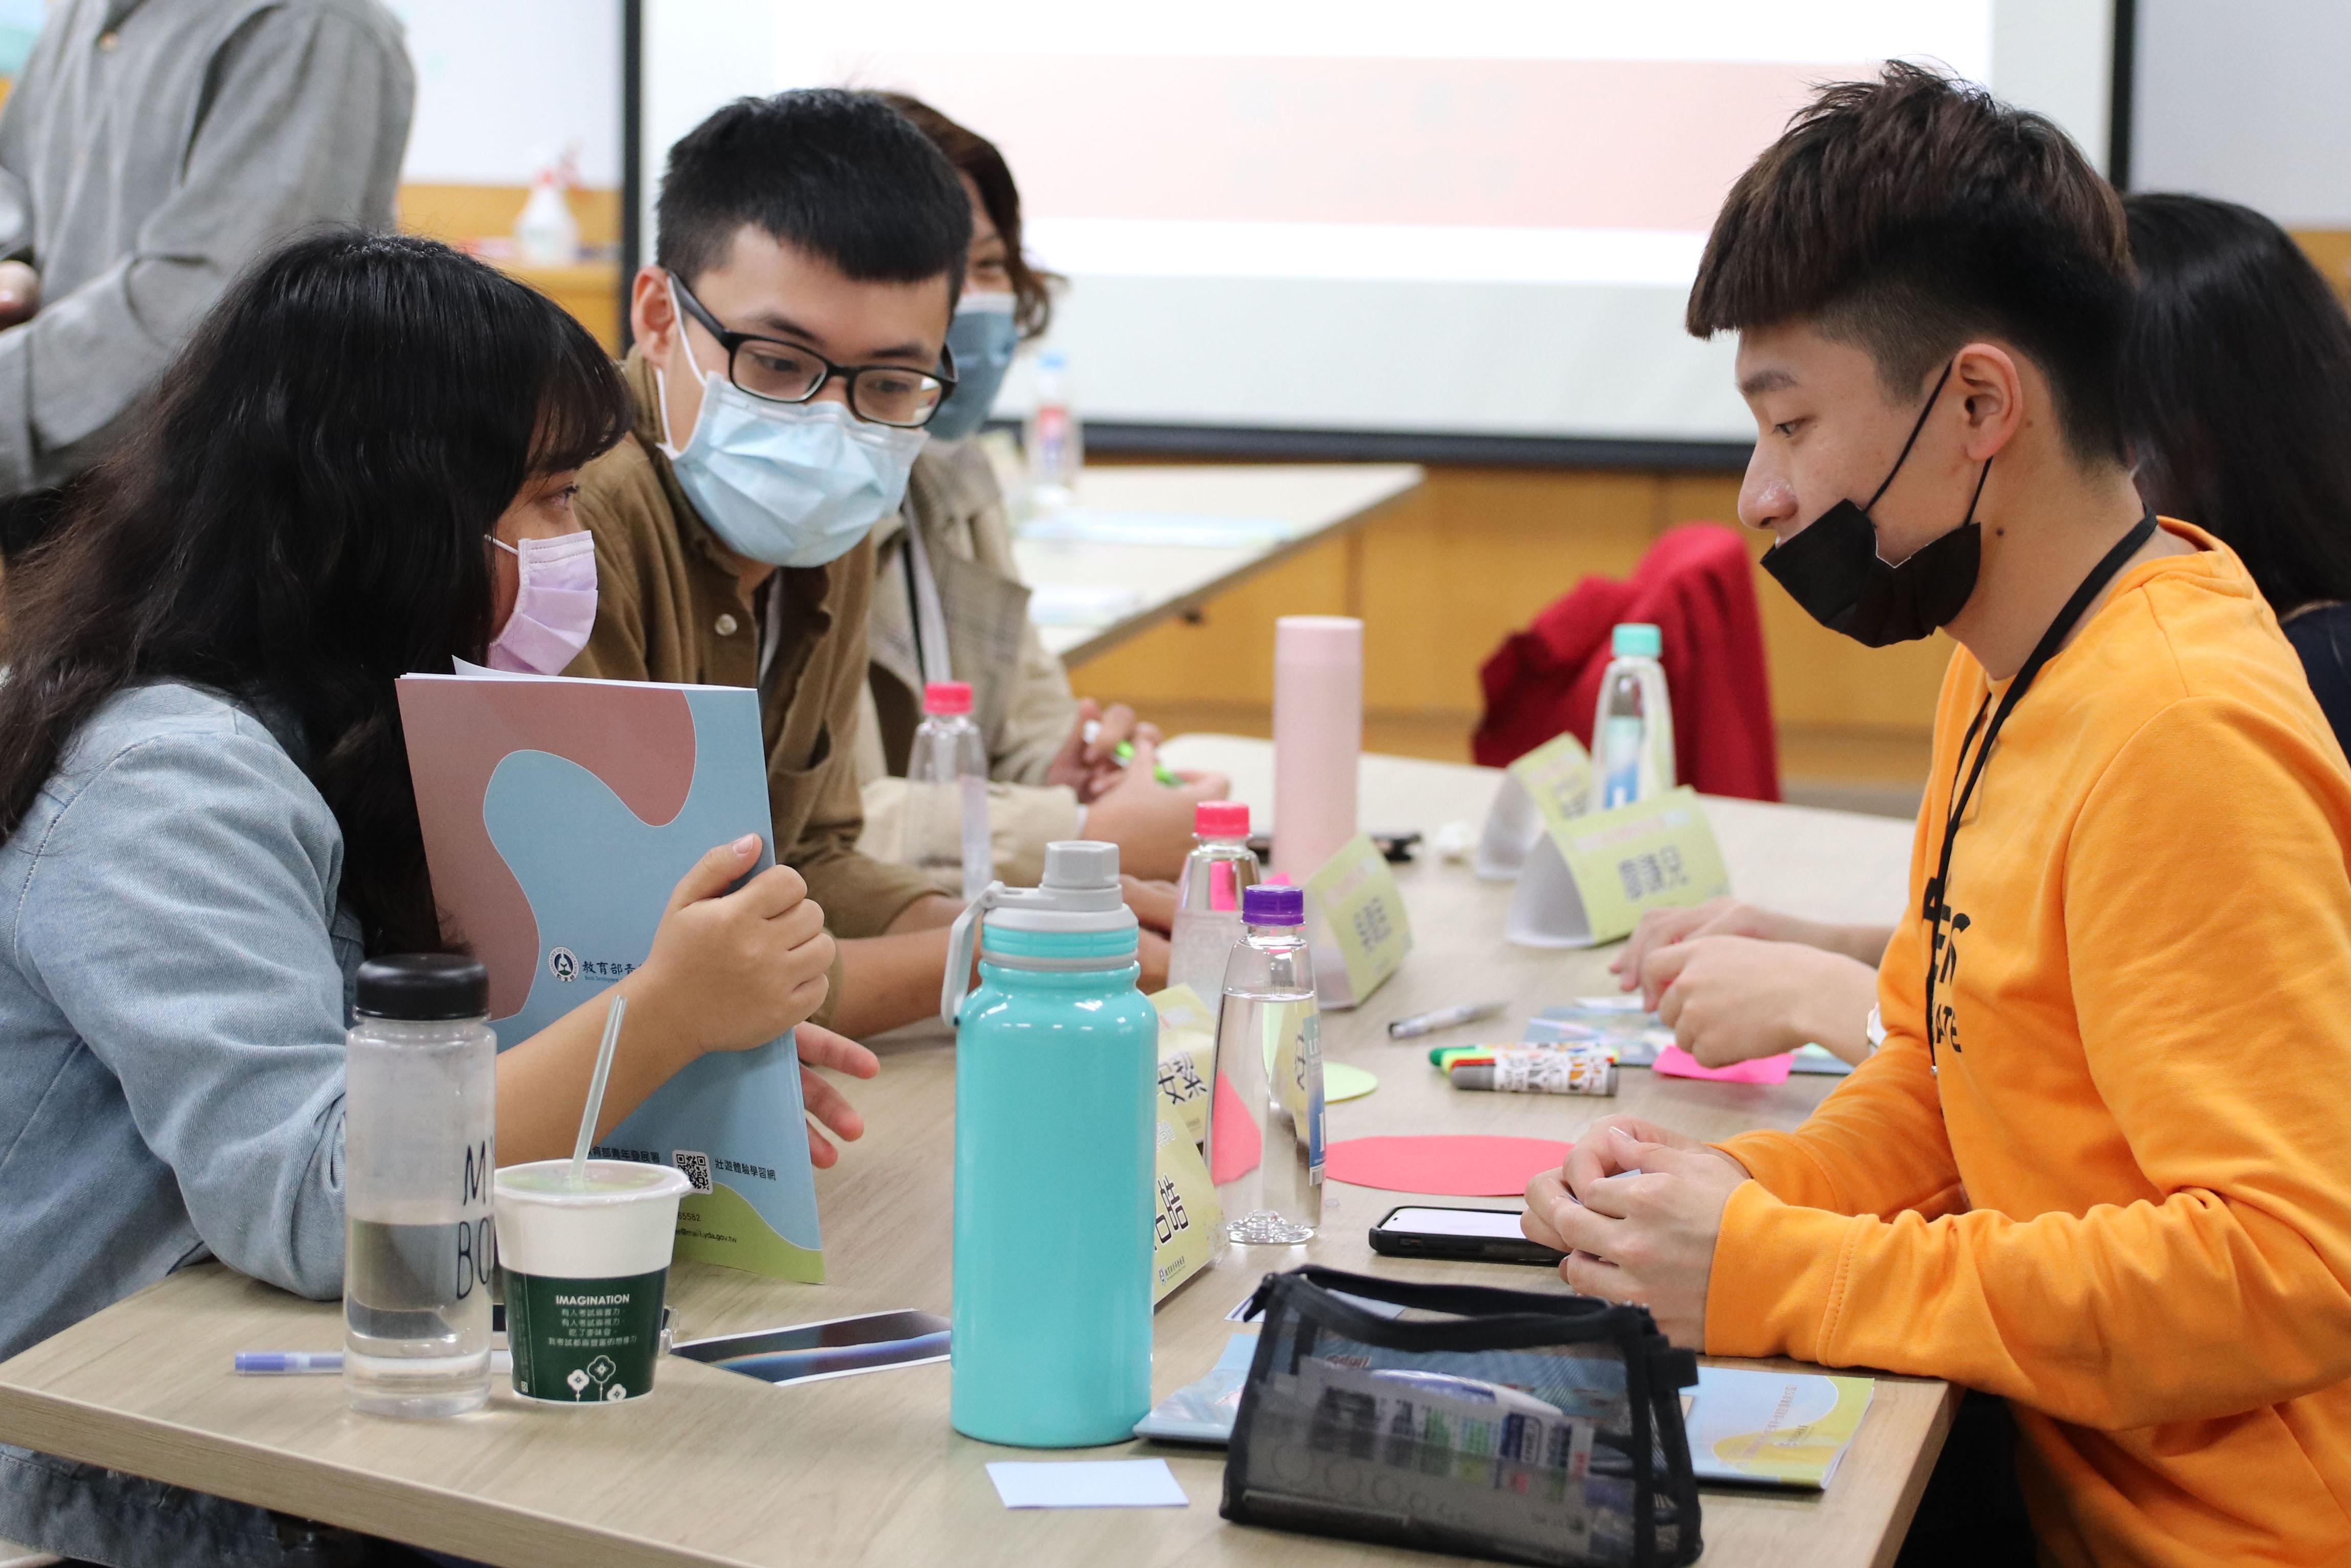 圖1:青年討論彼此的體驗計畫。圖/劉書妤攝。